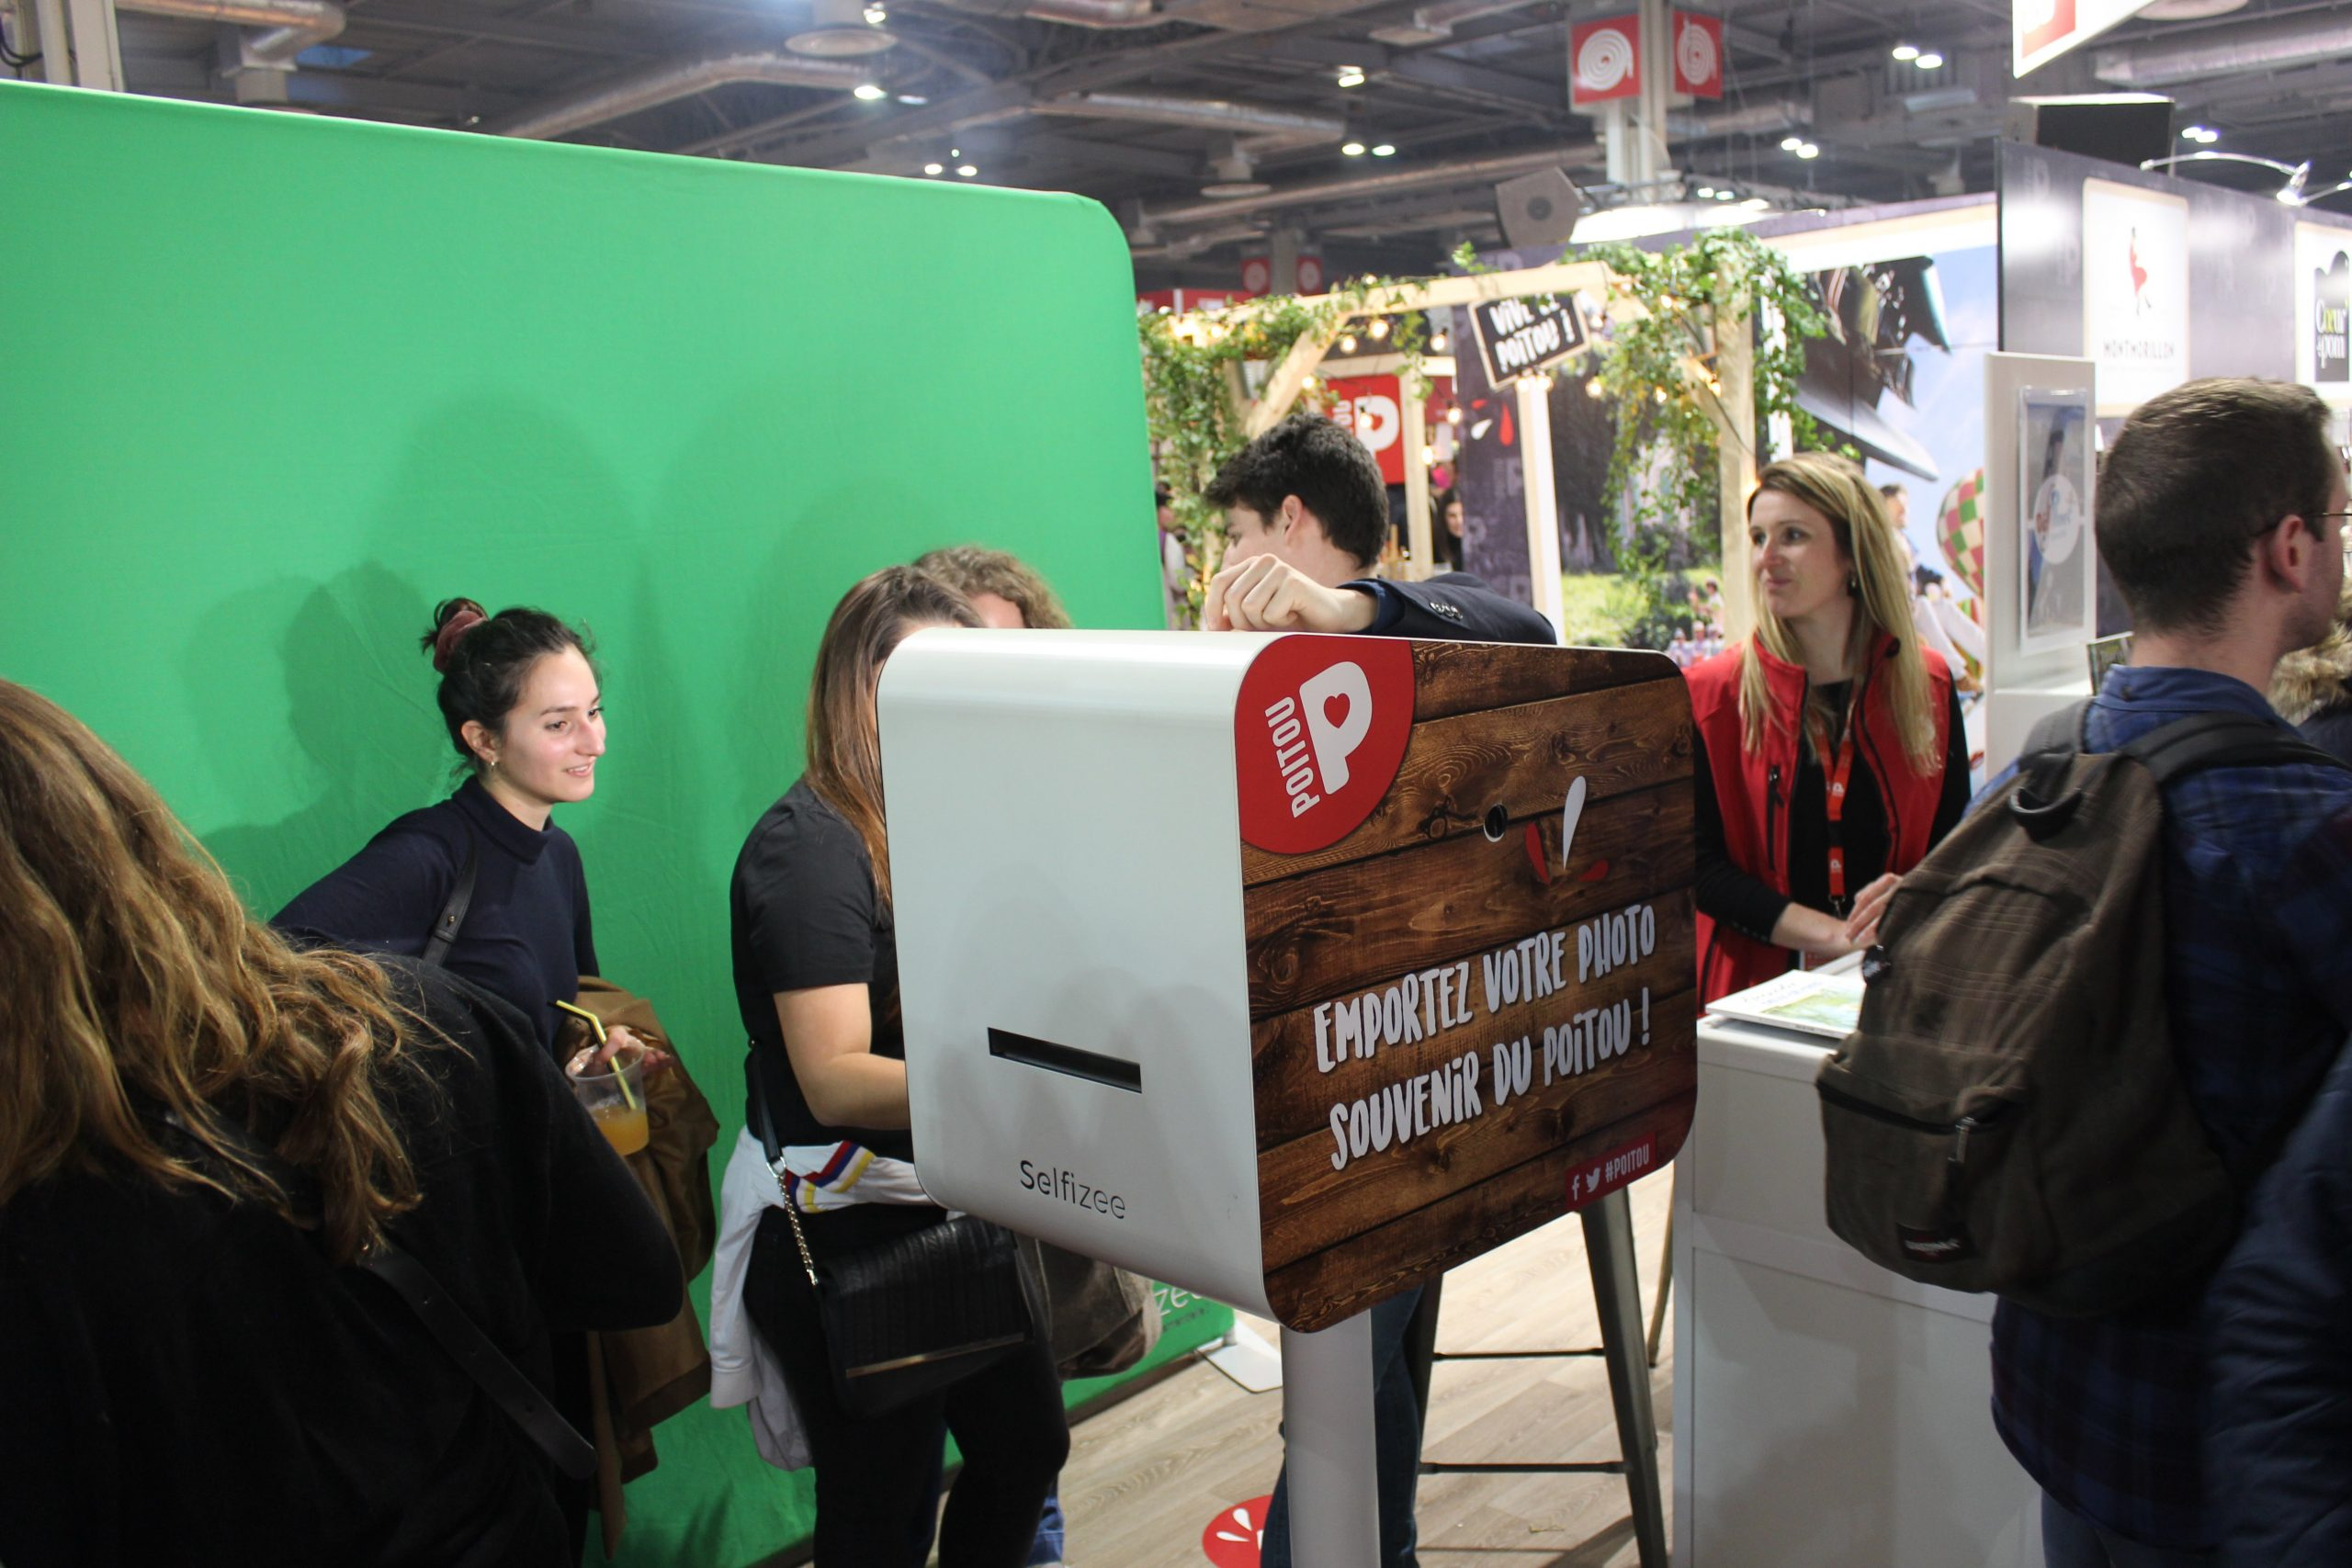 Animation borne photo et fond vert au stand du Poitou au salon de l'agriculture Paris 2020 pour photos personnalisées